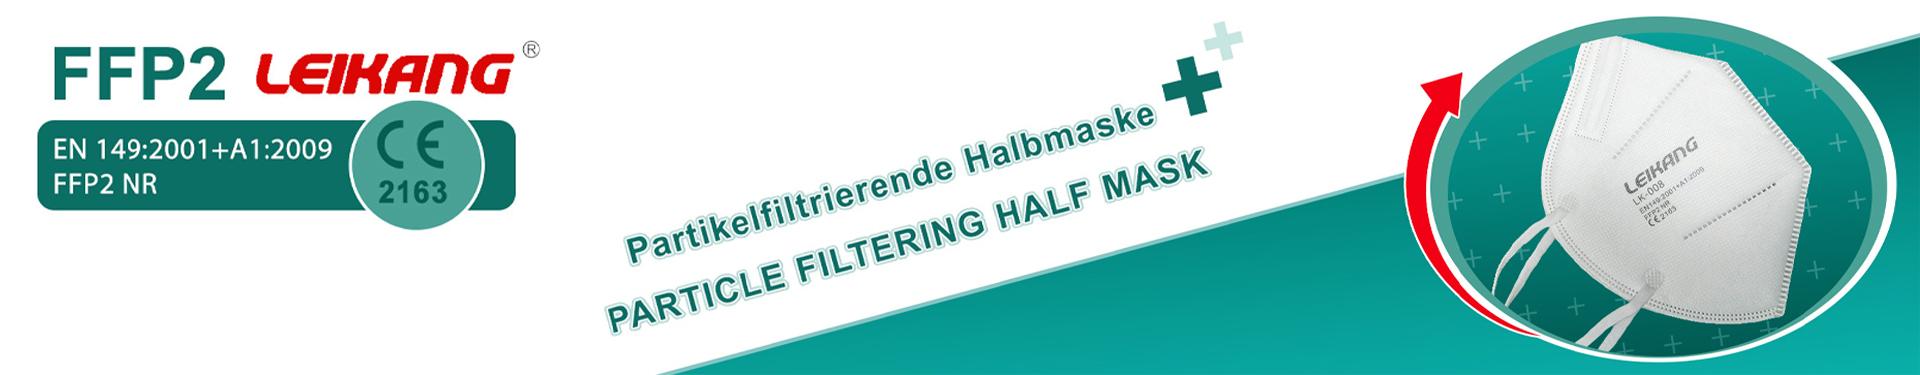 leikang-ffp2-atemschutzmaske-mund-und-nasenschutz